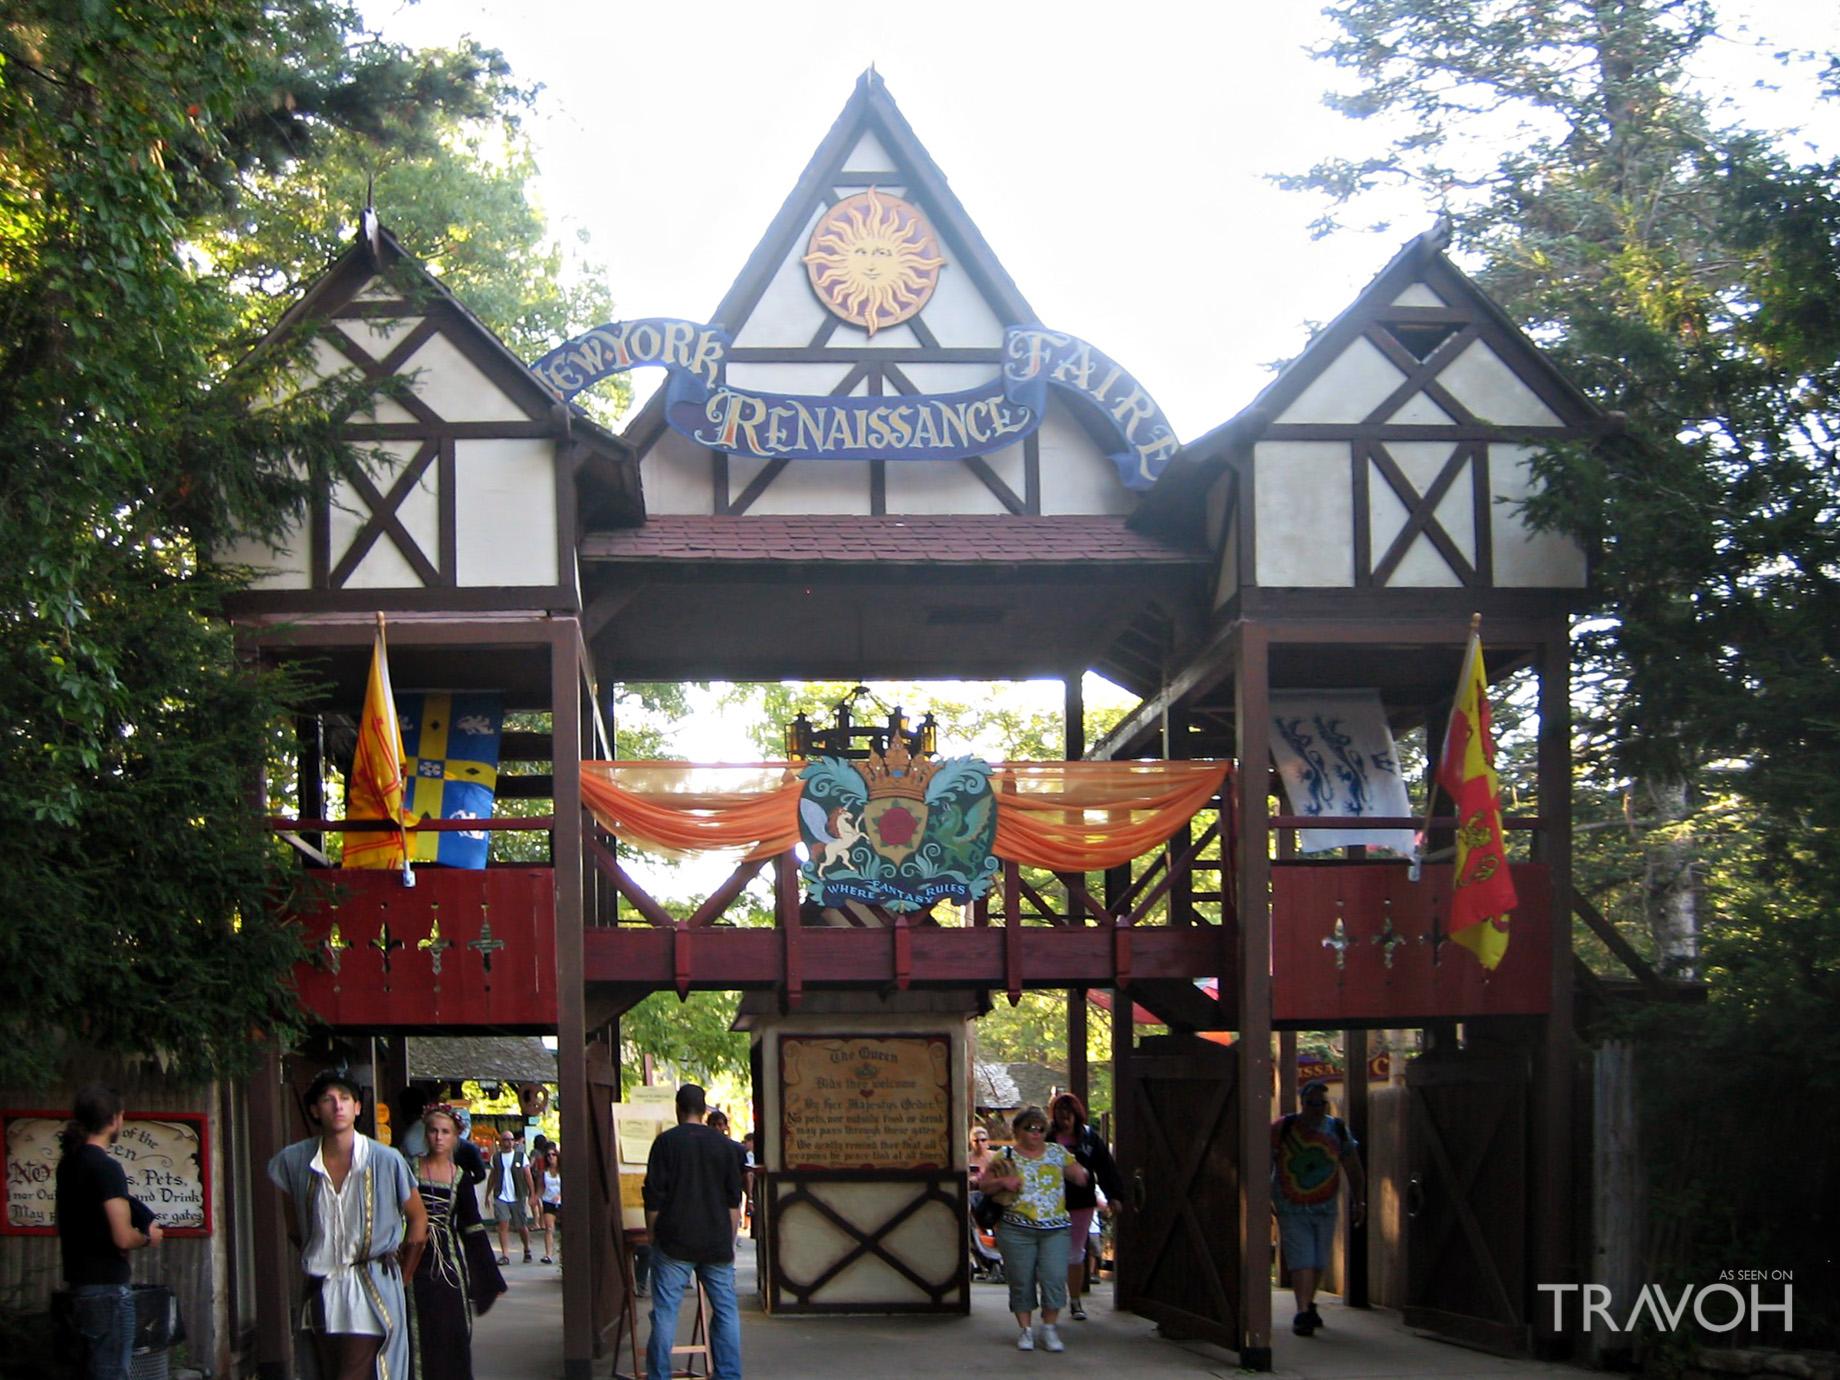 New York Renaissance Festival - 600 NY-17A, Tuxedo Park, NY, USA